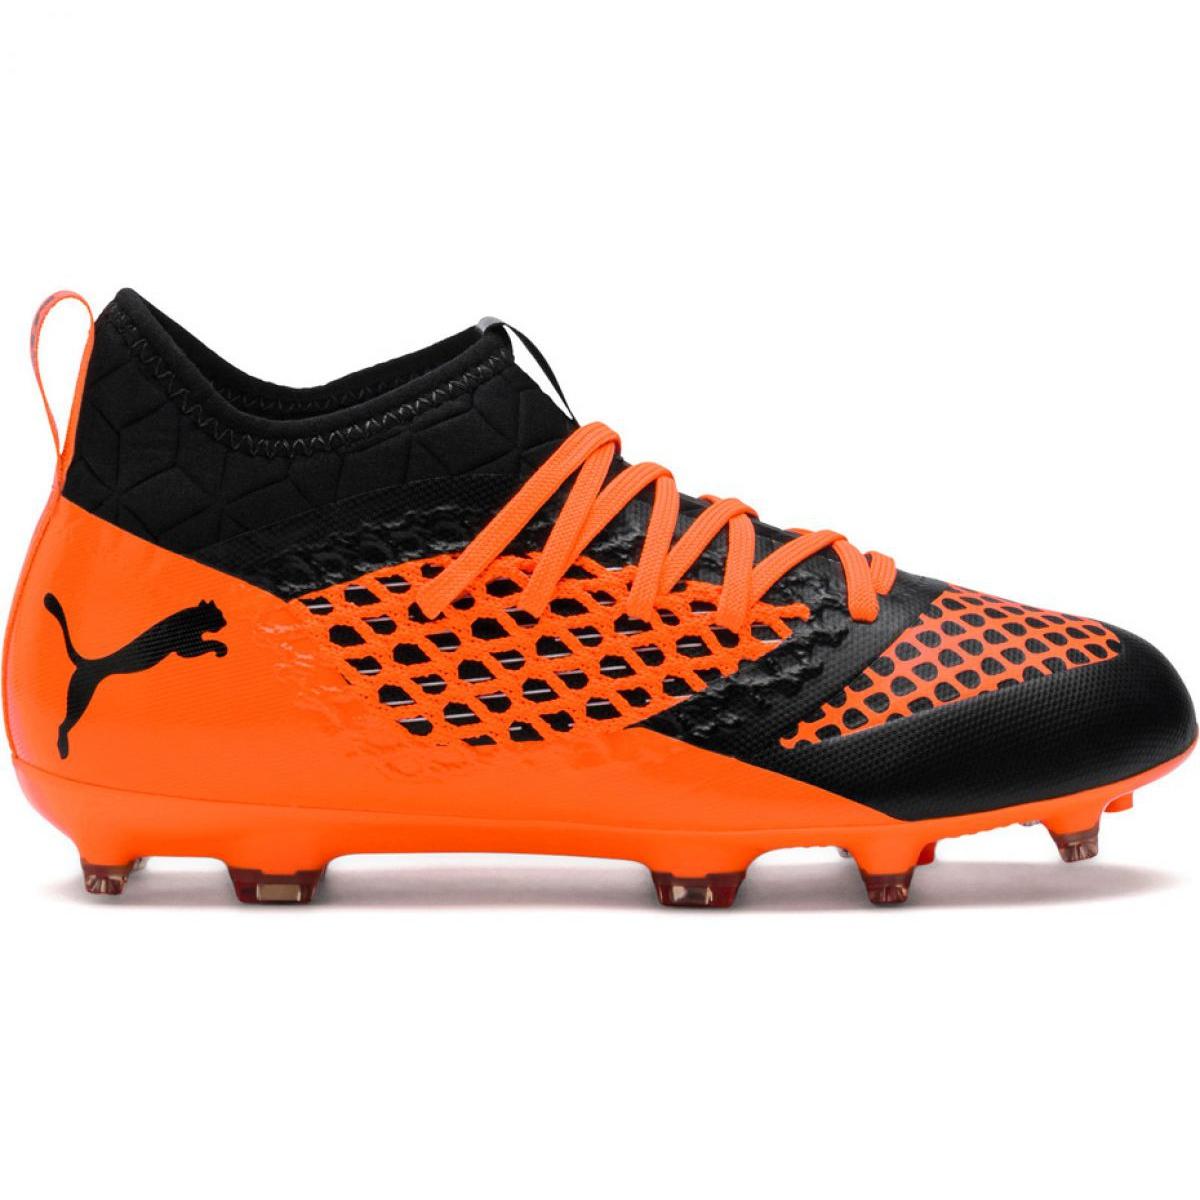 Botas de fútbol Puma Future 2.3 Netfit Fg Ag Color Sh Jr 104836 02